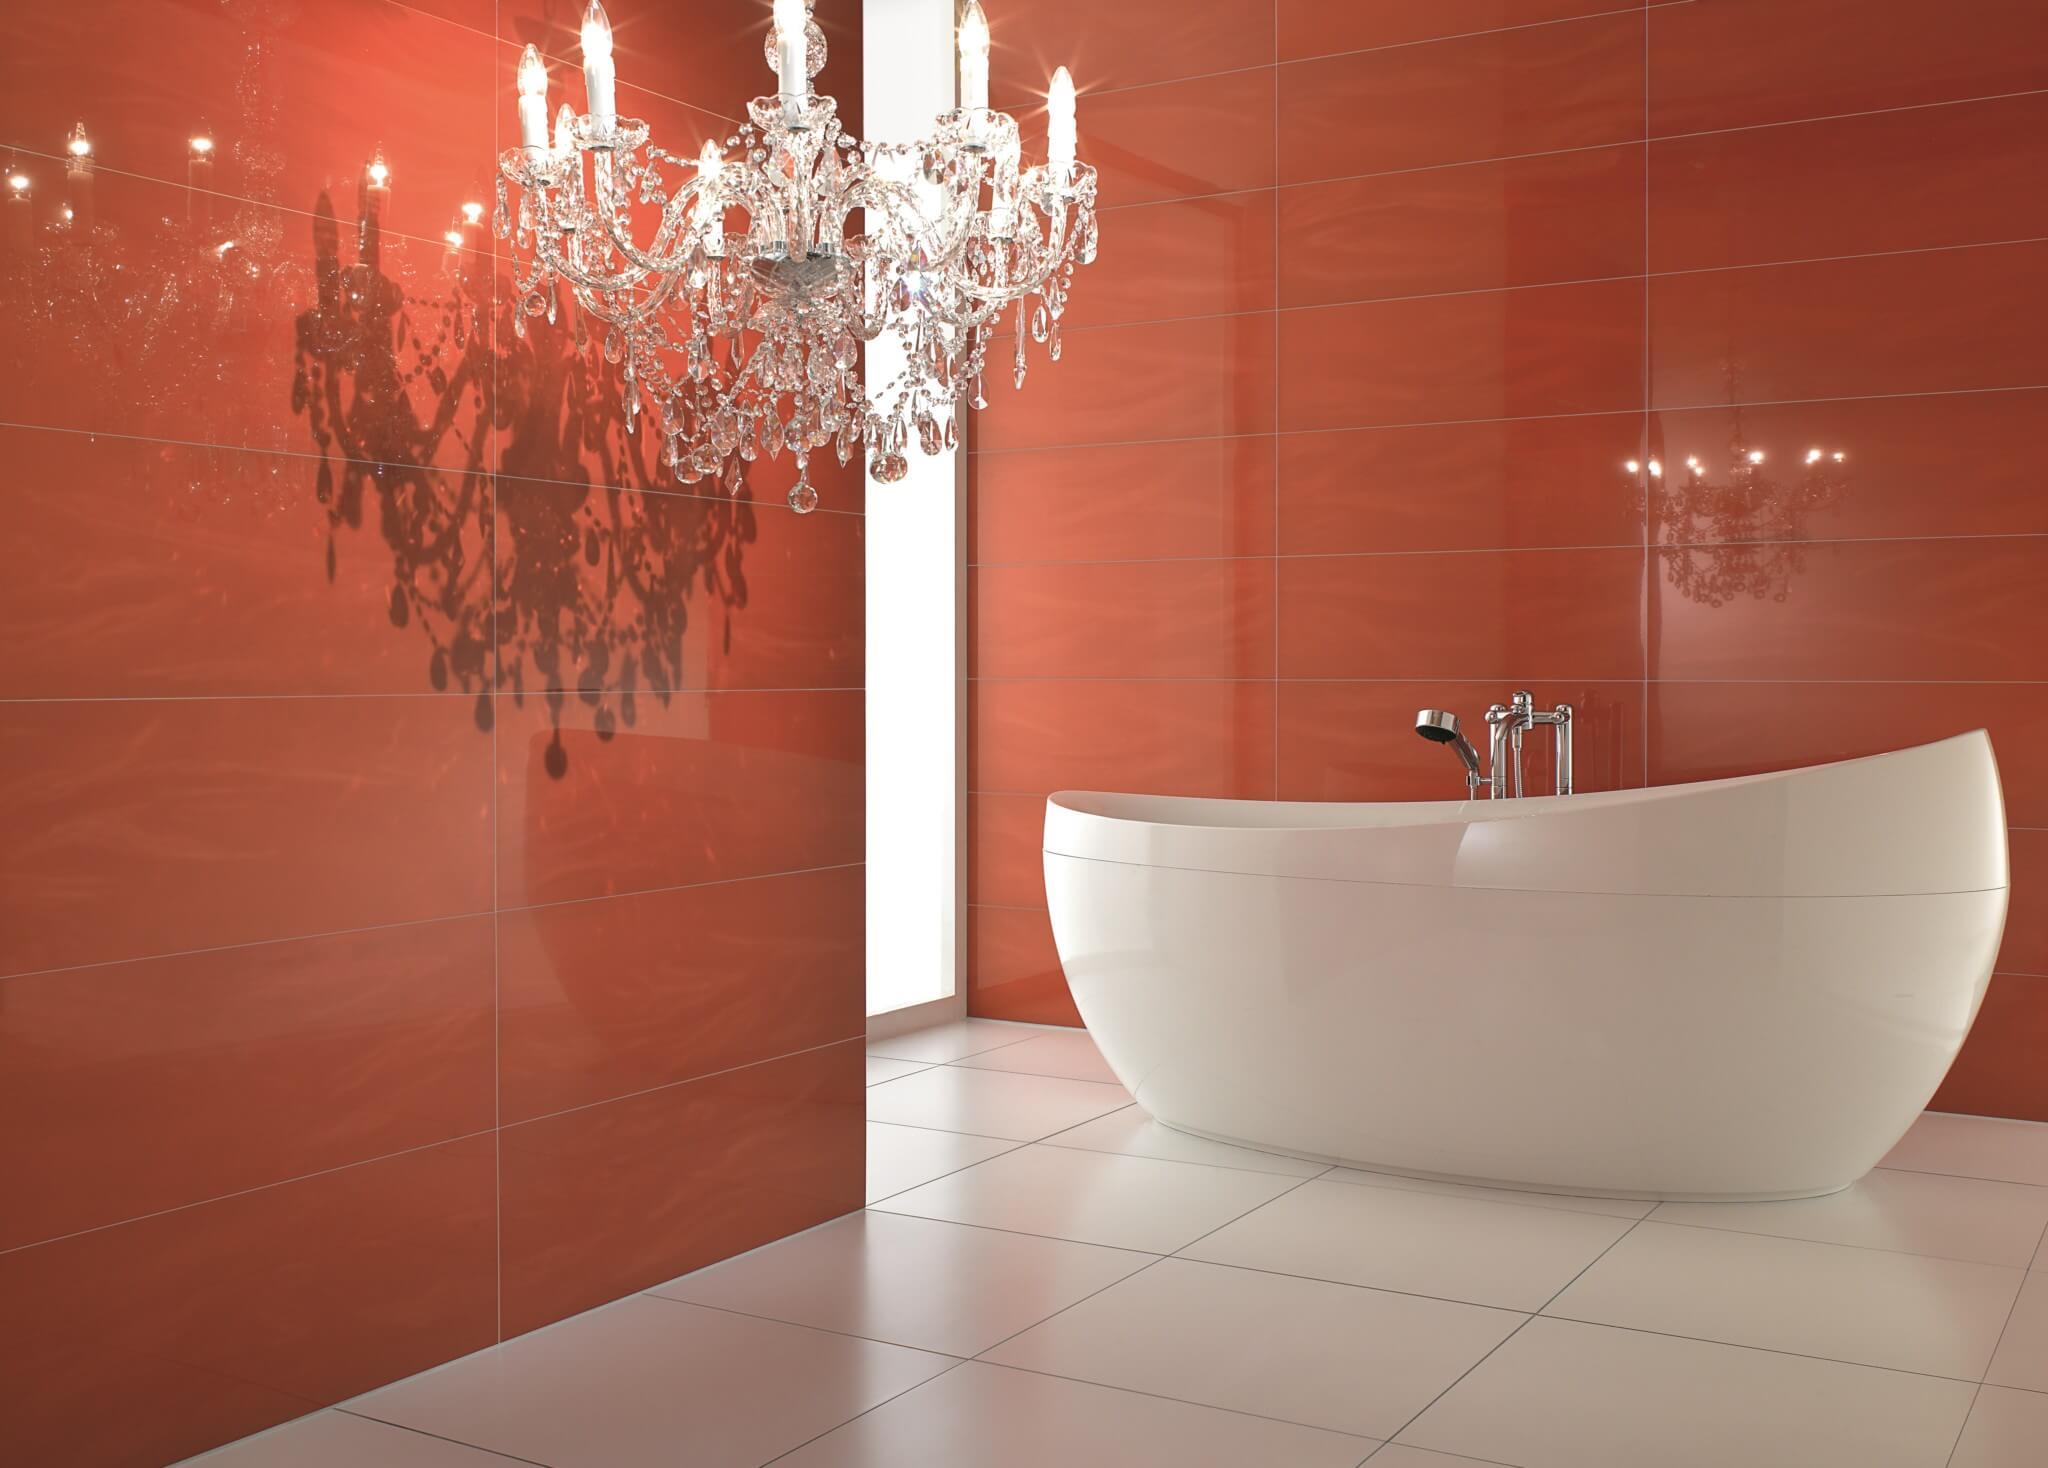 Rode wandtegel voor badkamerrenovatie